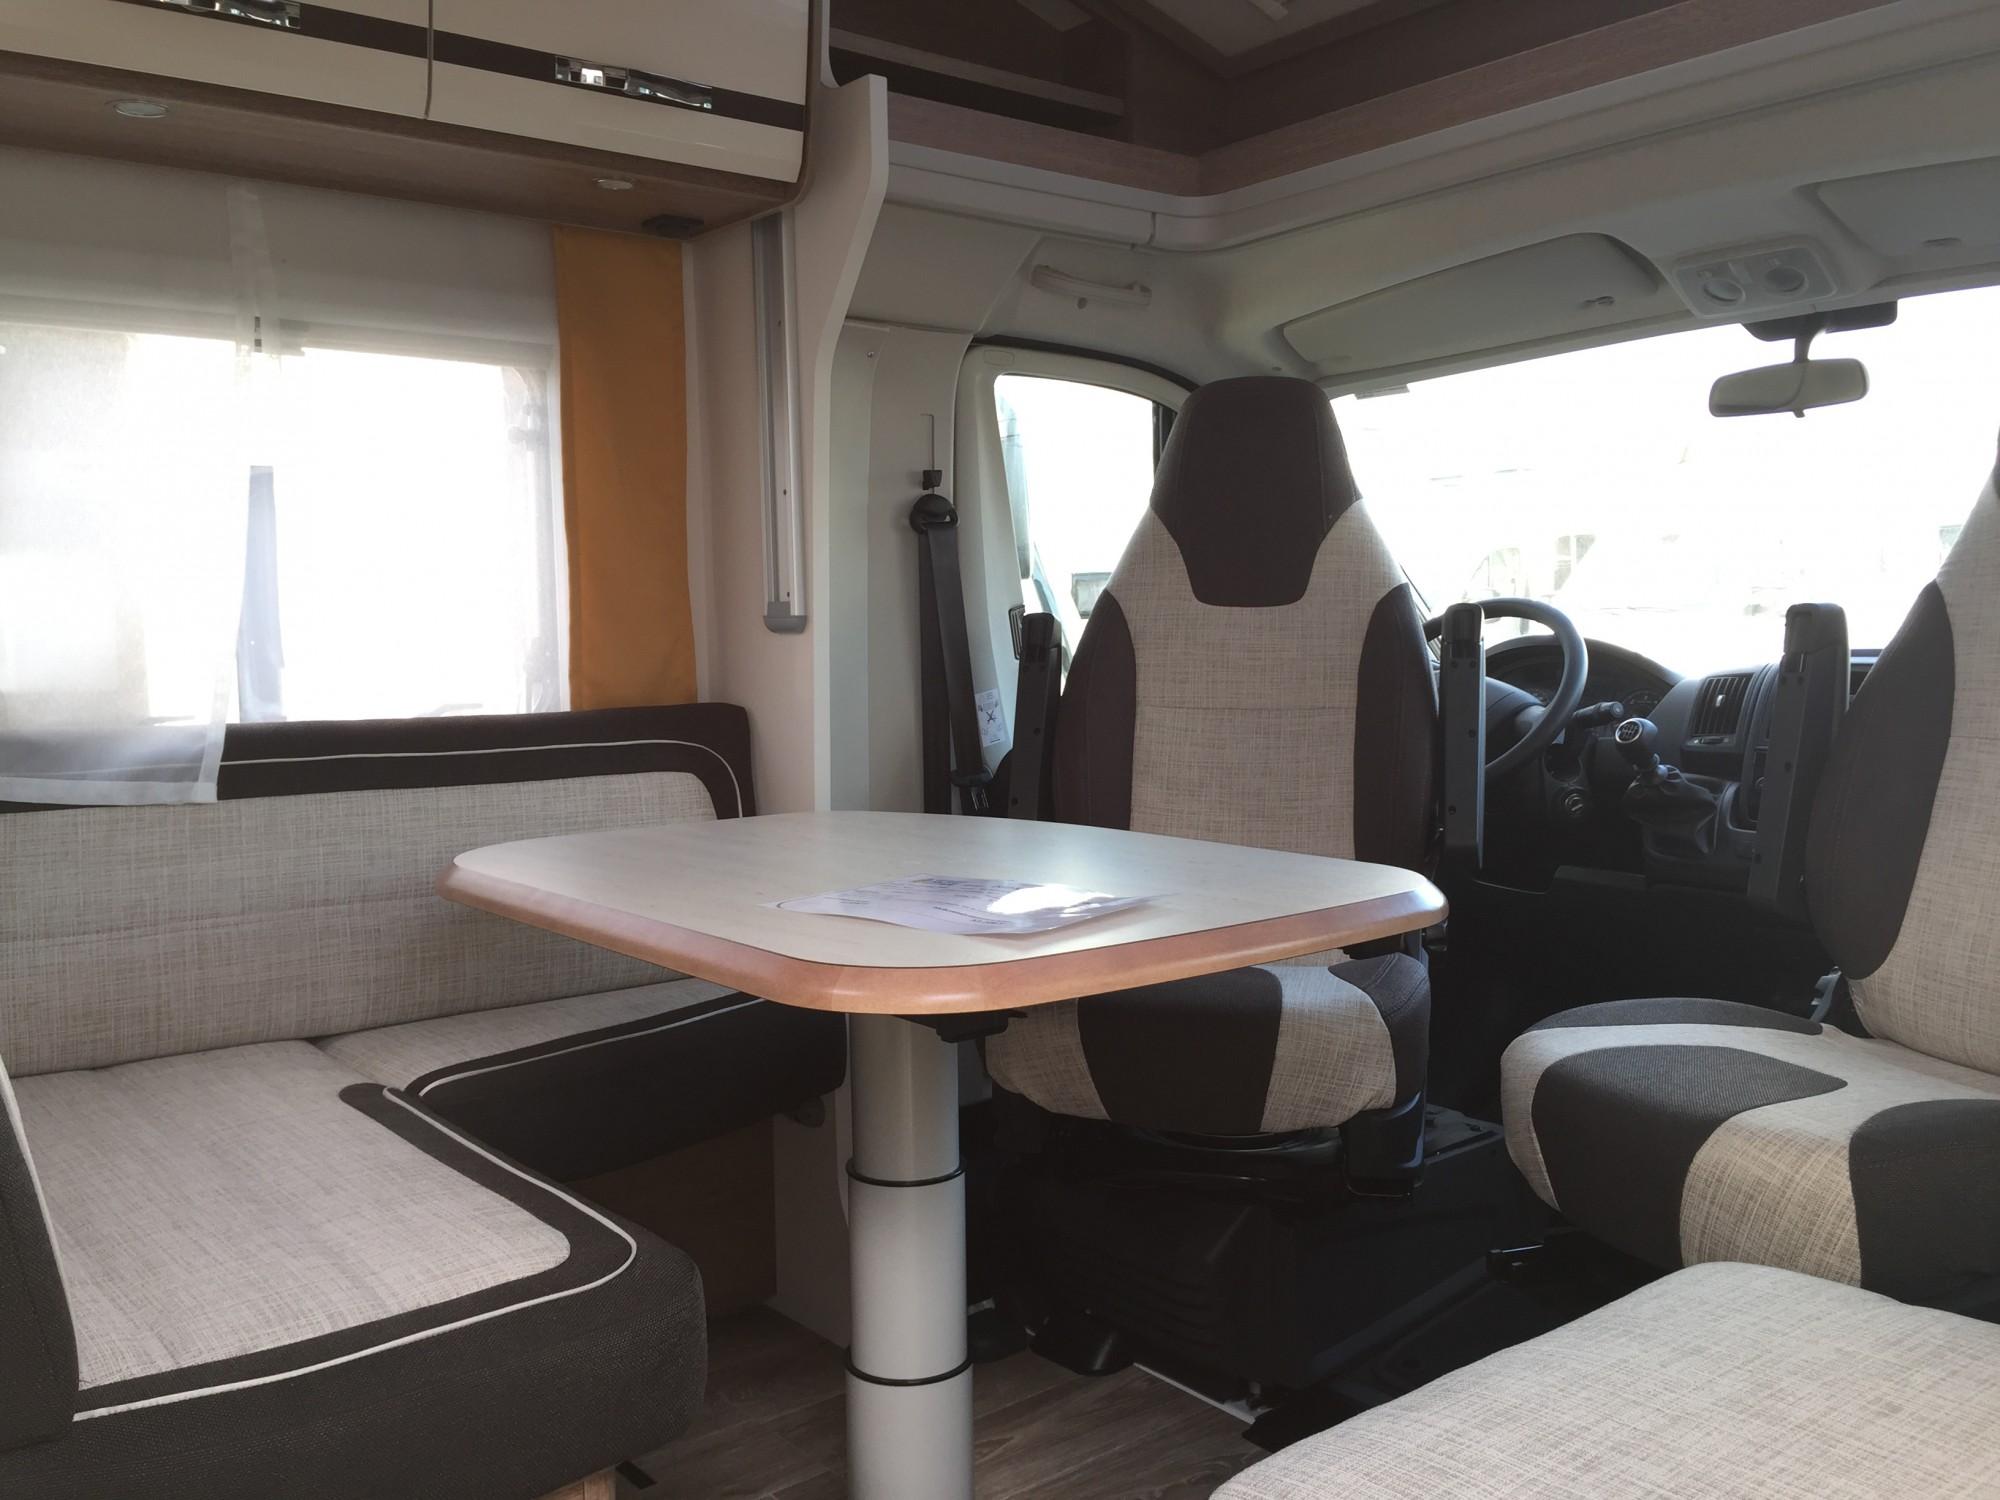 investir dans un campingcar avec SALON 5 PLACES, proche Barentin 76